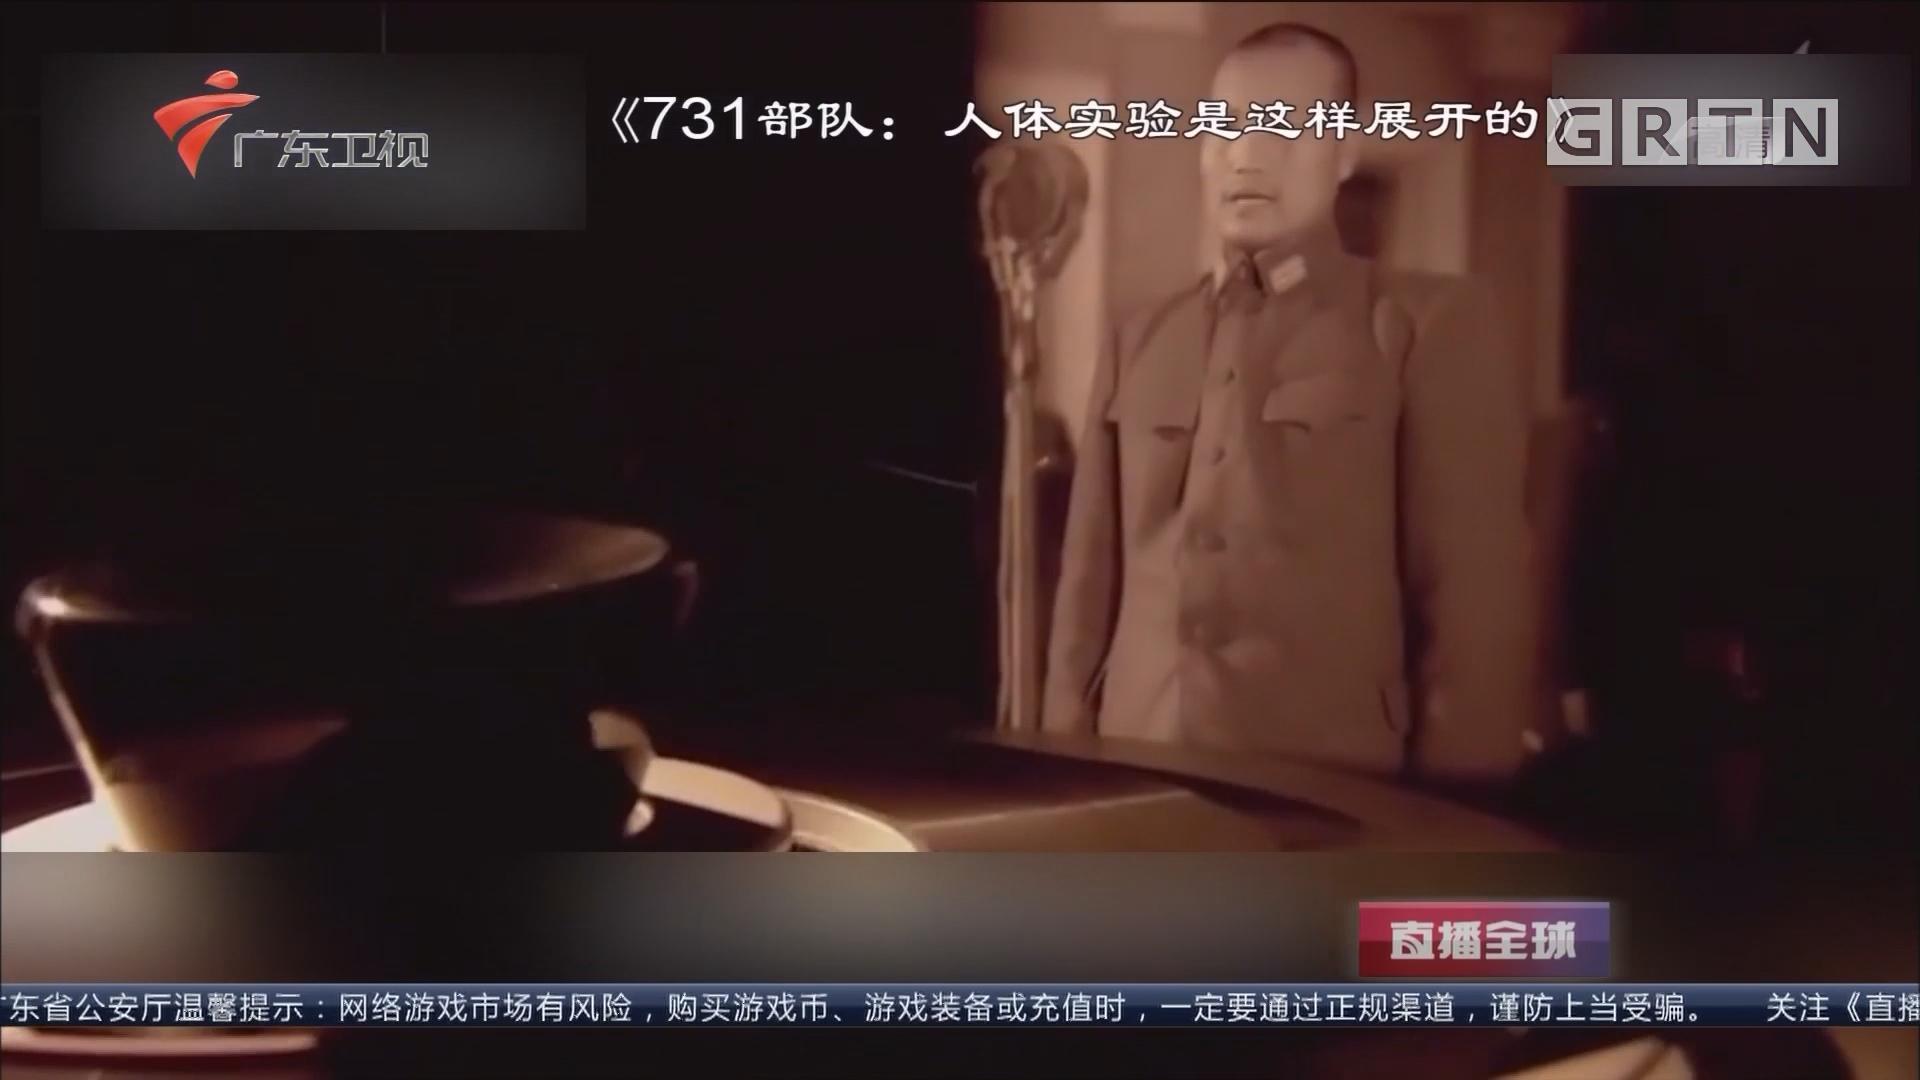 """""""731部队""""罪行曝光 日本国内舆论作何反应? 日民众对""""731部队""""罪行感到震惊"""